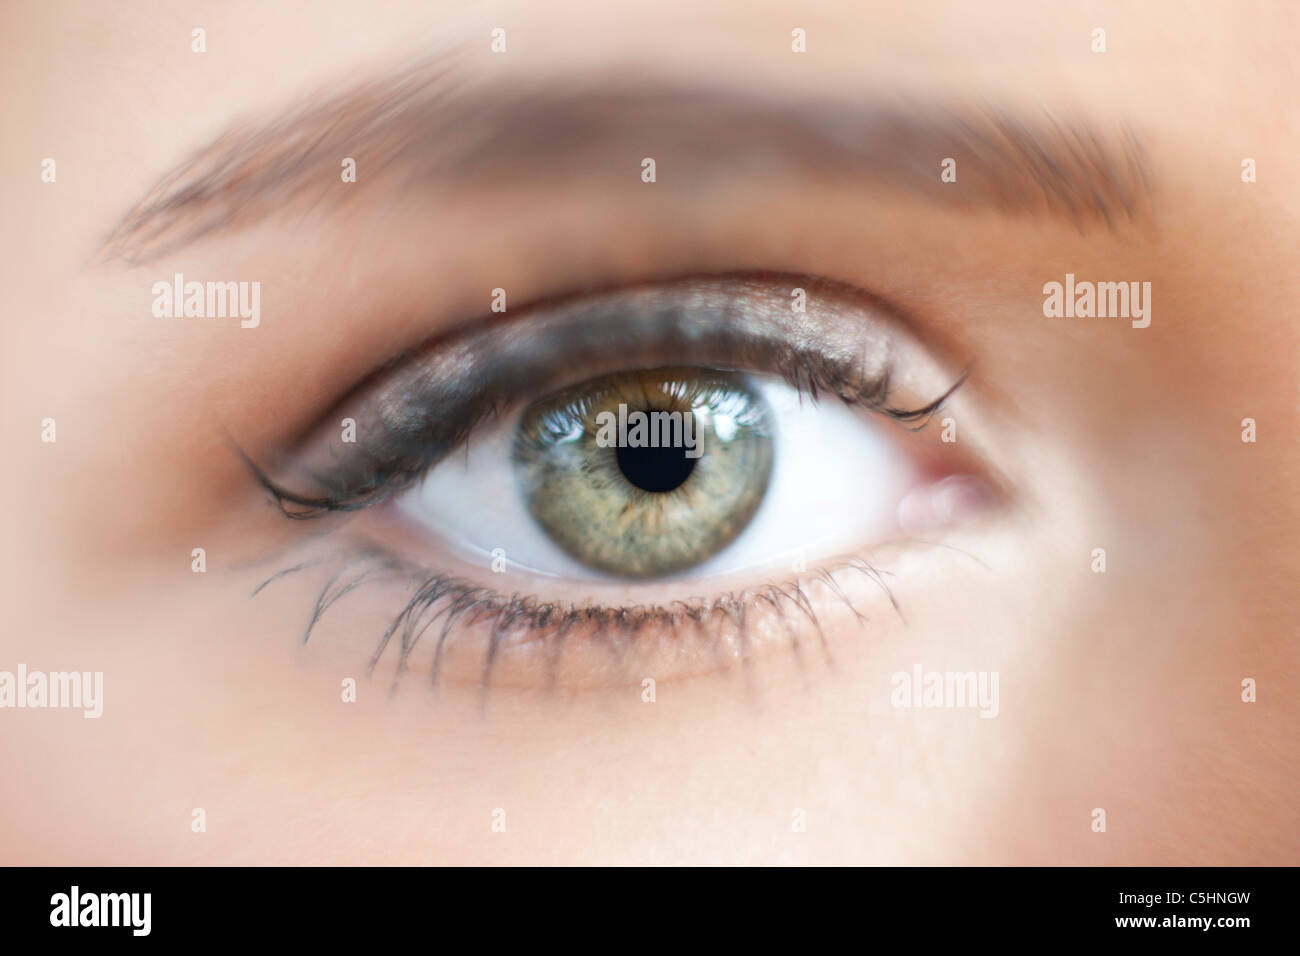 Teenage girl's eye - Stock Image